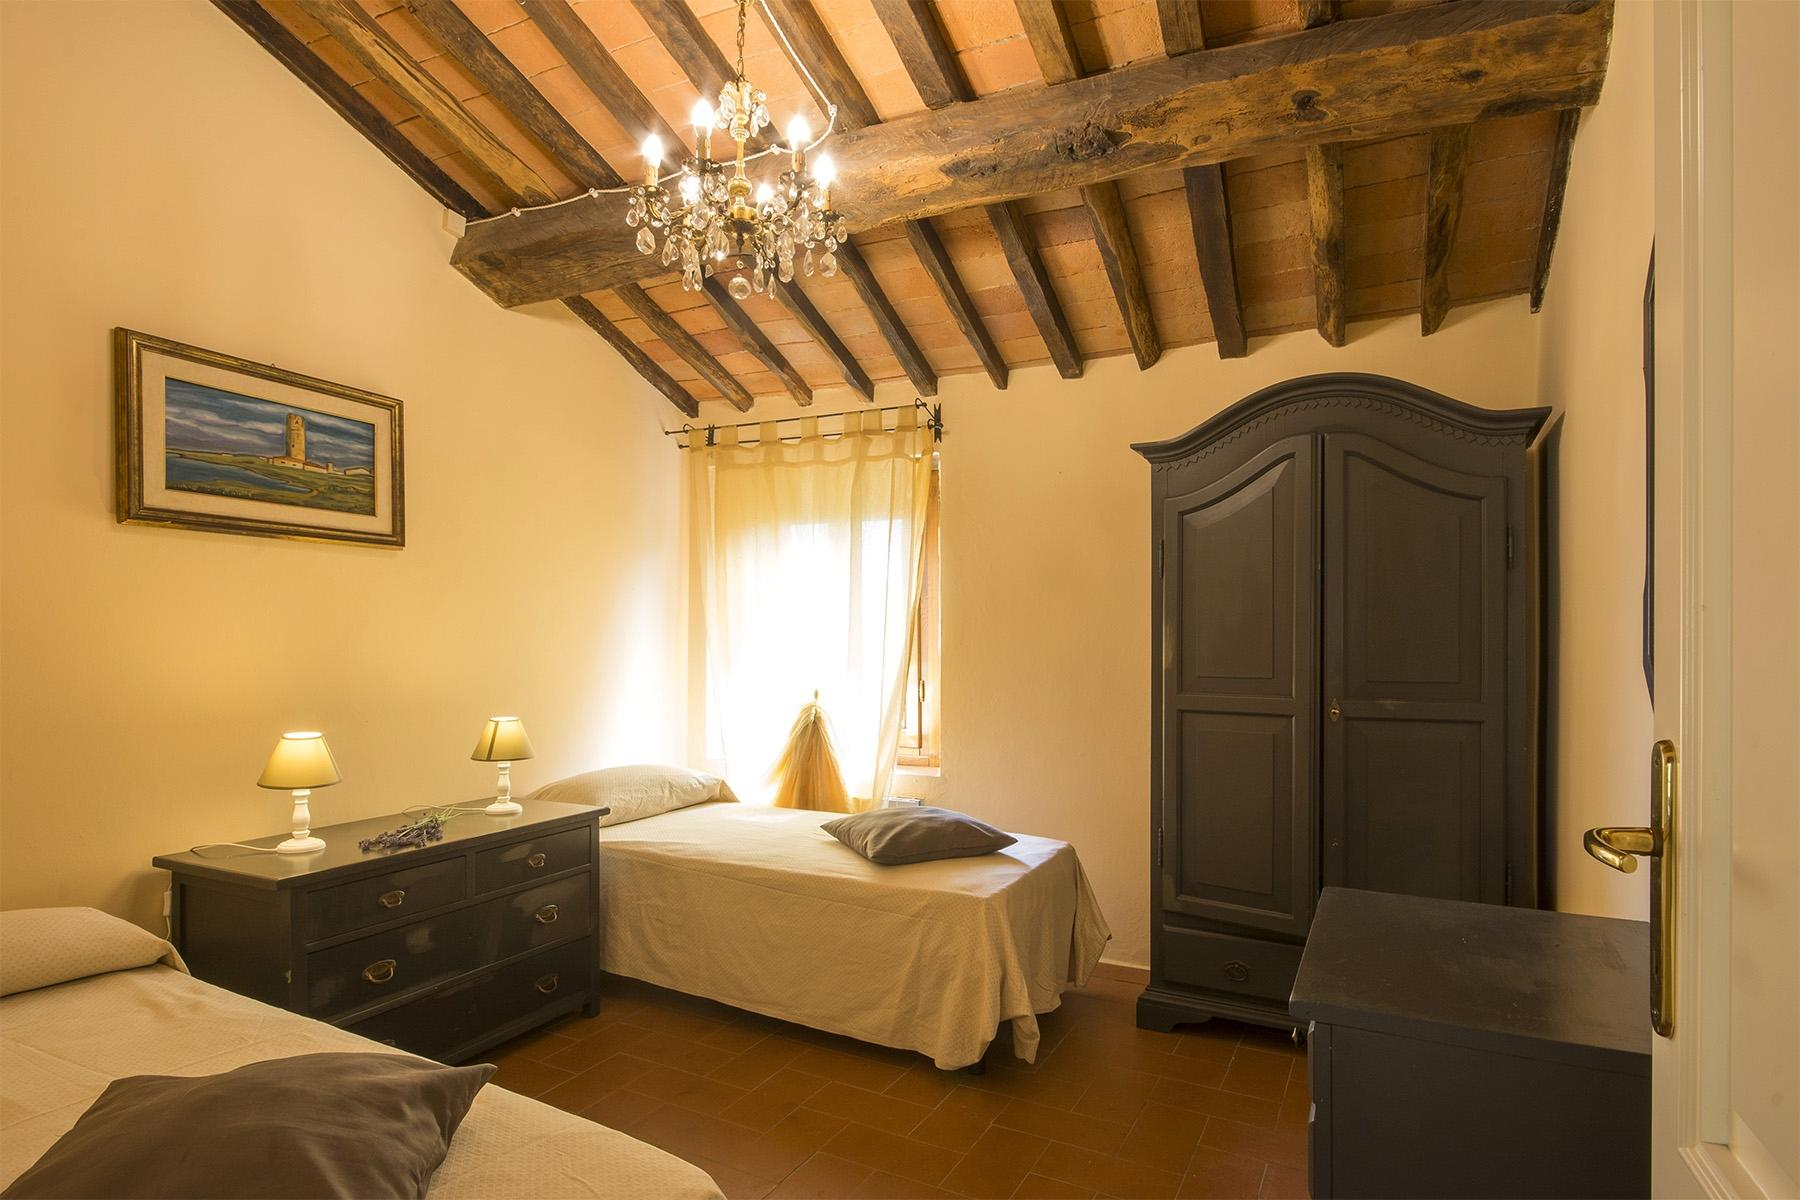 Wunderschönes toskanisches Bauernhaus - 15